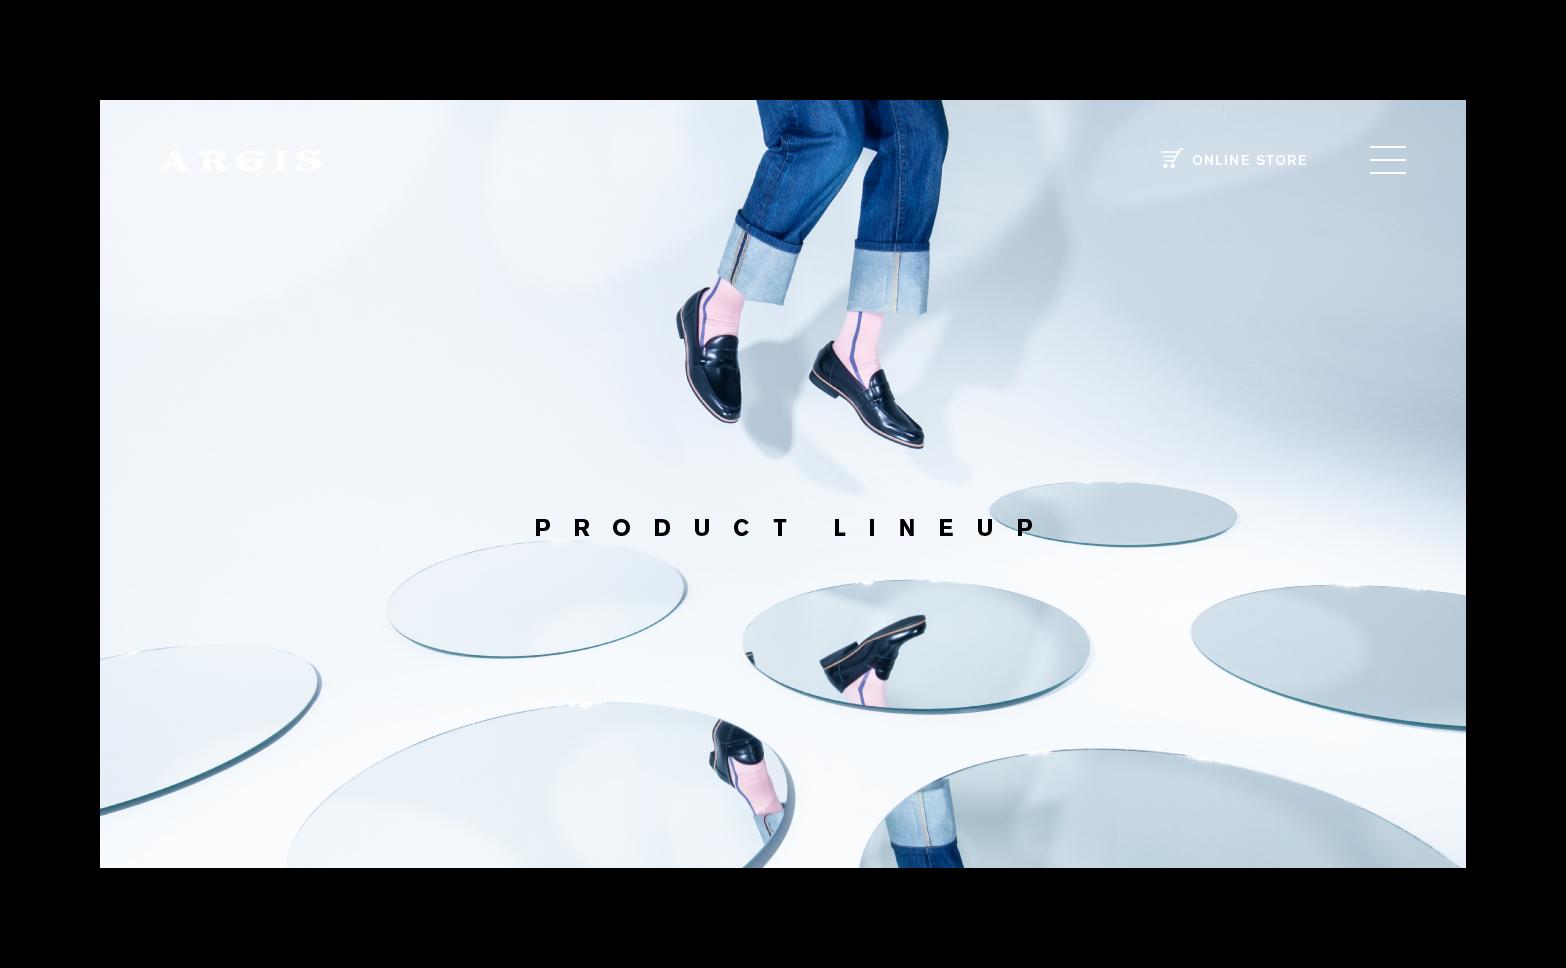 レザーシューズブランド「ARGIS」<br>Brand Website Renewal04